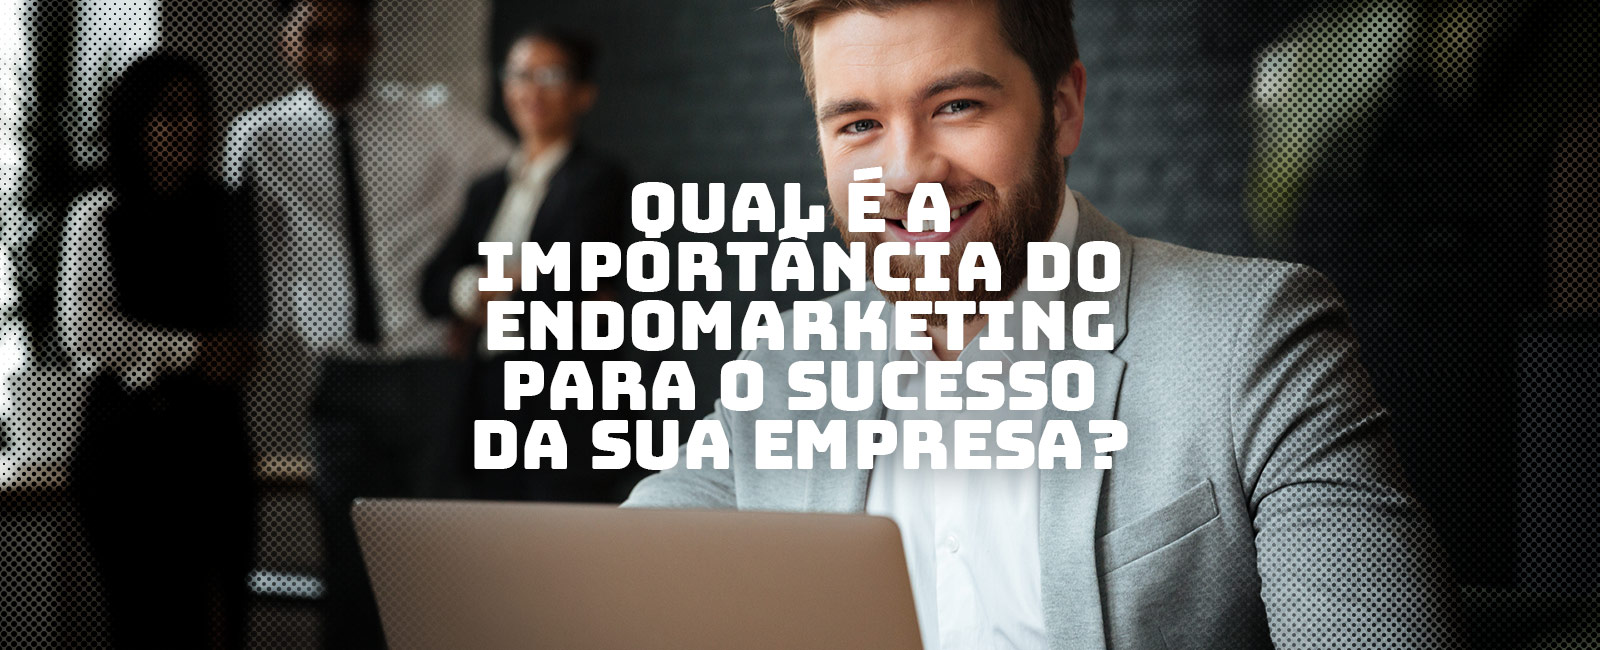 Qual é a importância do Endomarketing para o sucesso da sua empresa?